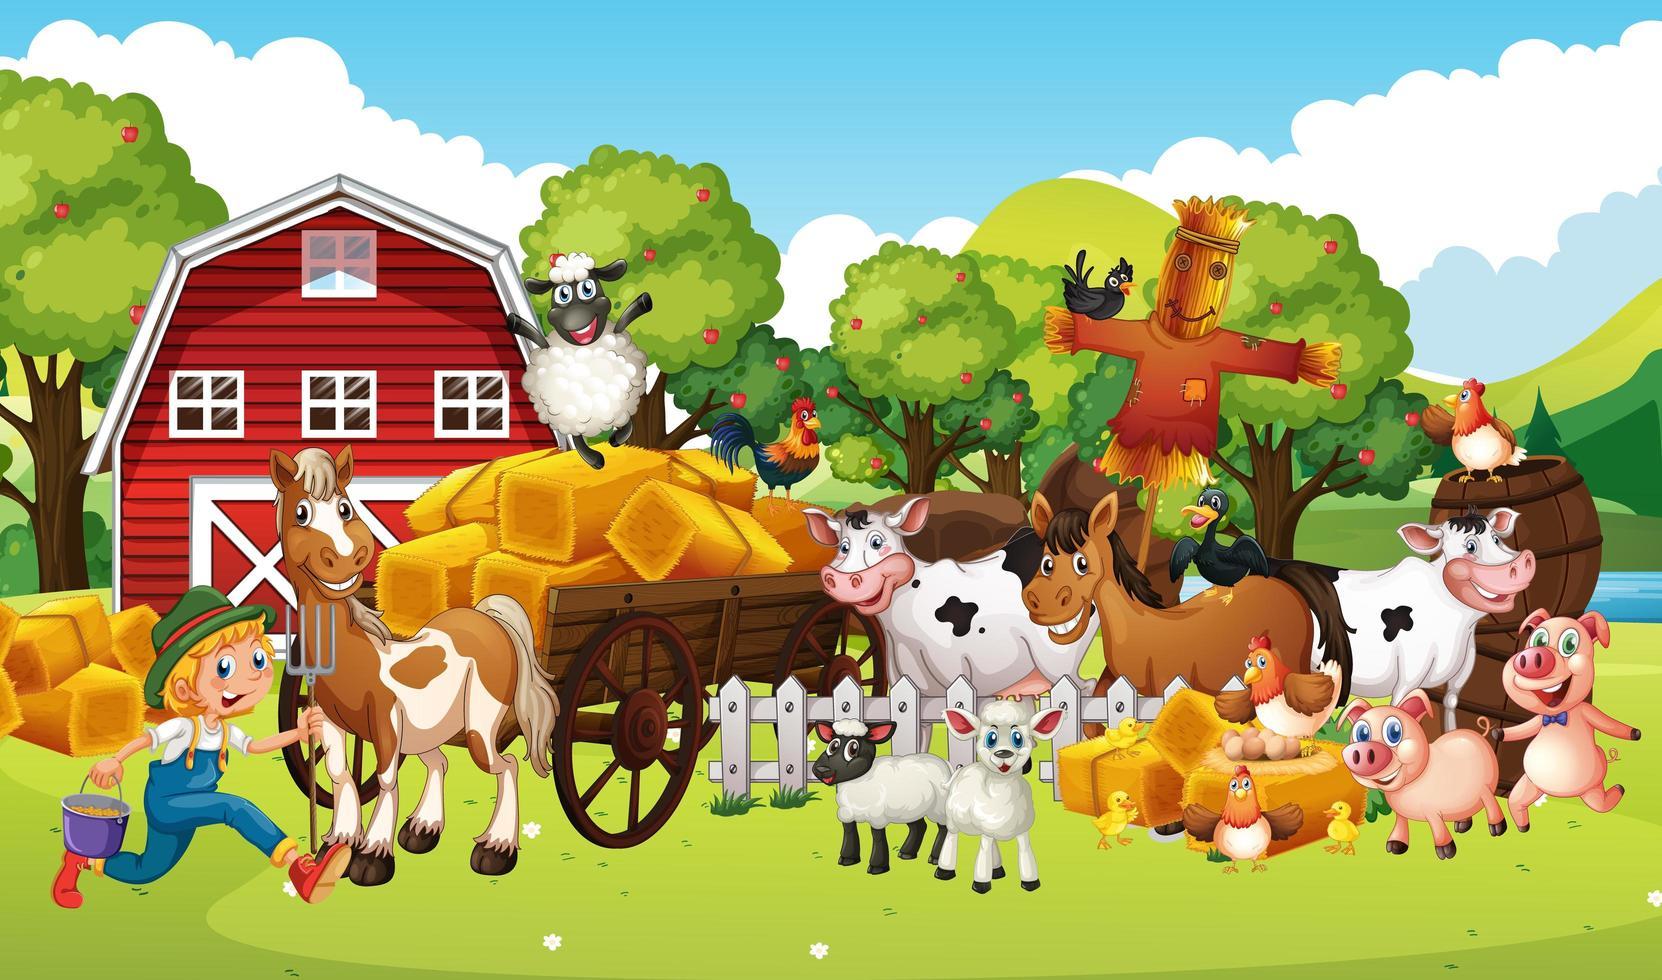 Bauernhof in einer Naturszene mit Tierfarm vektor